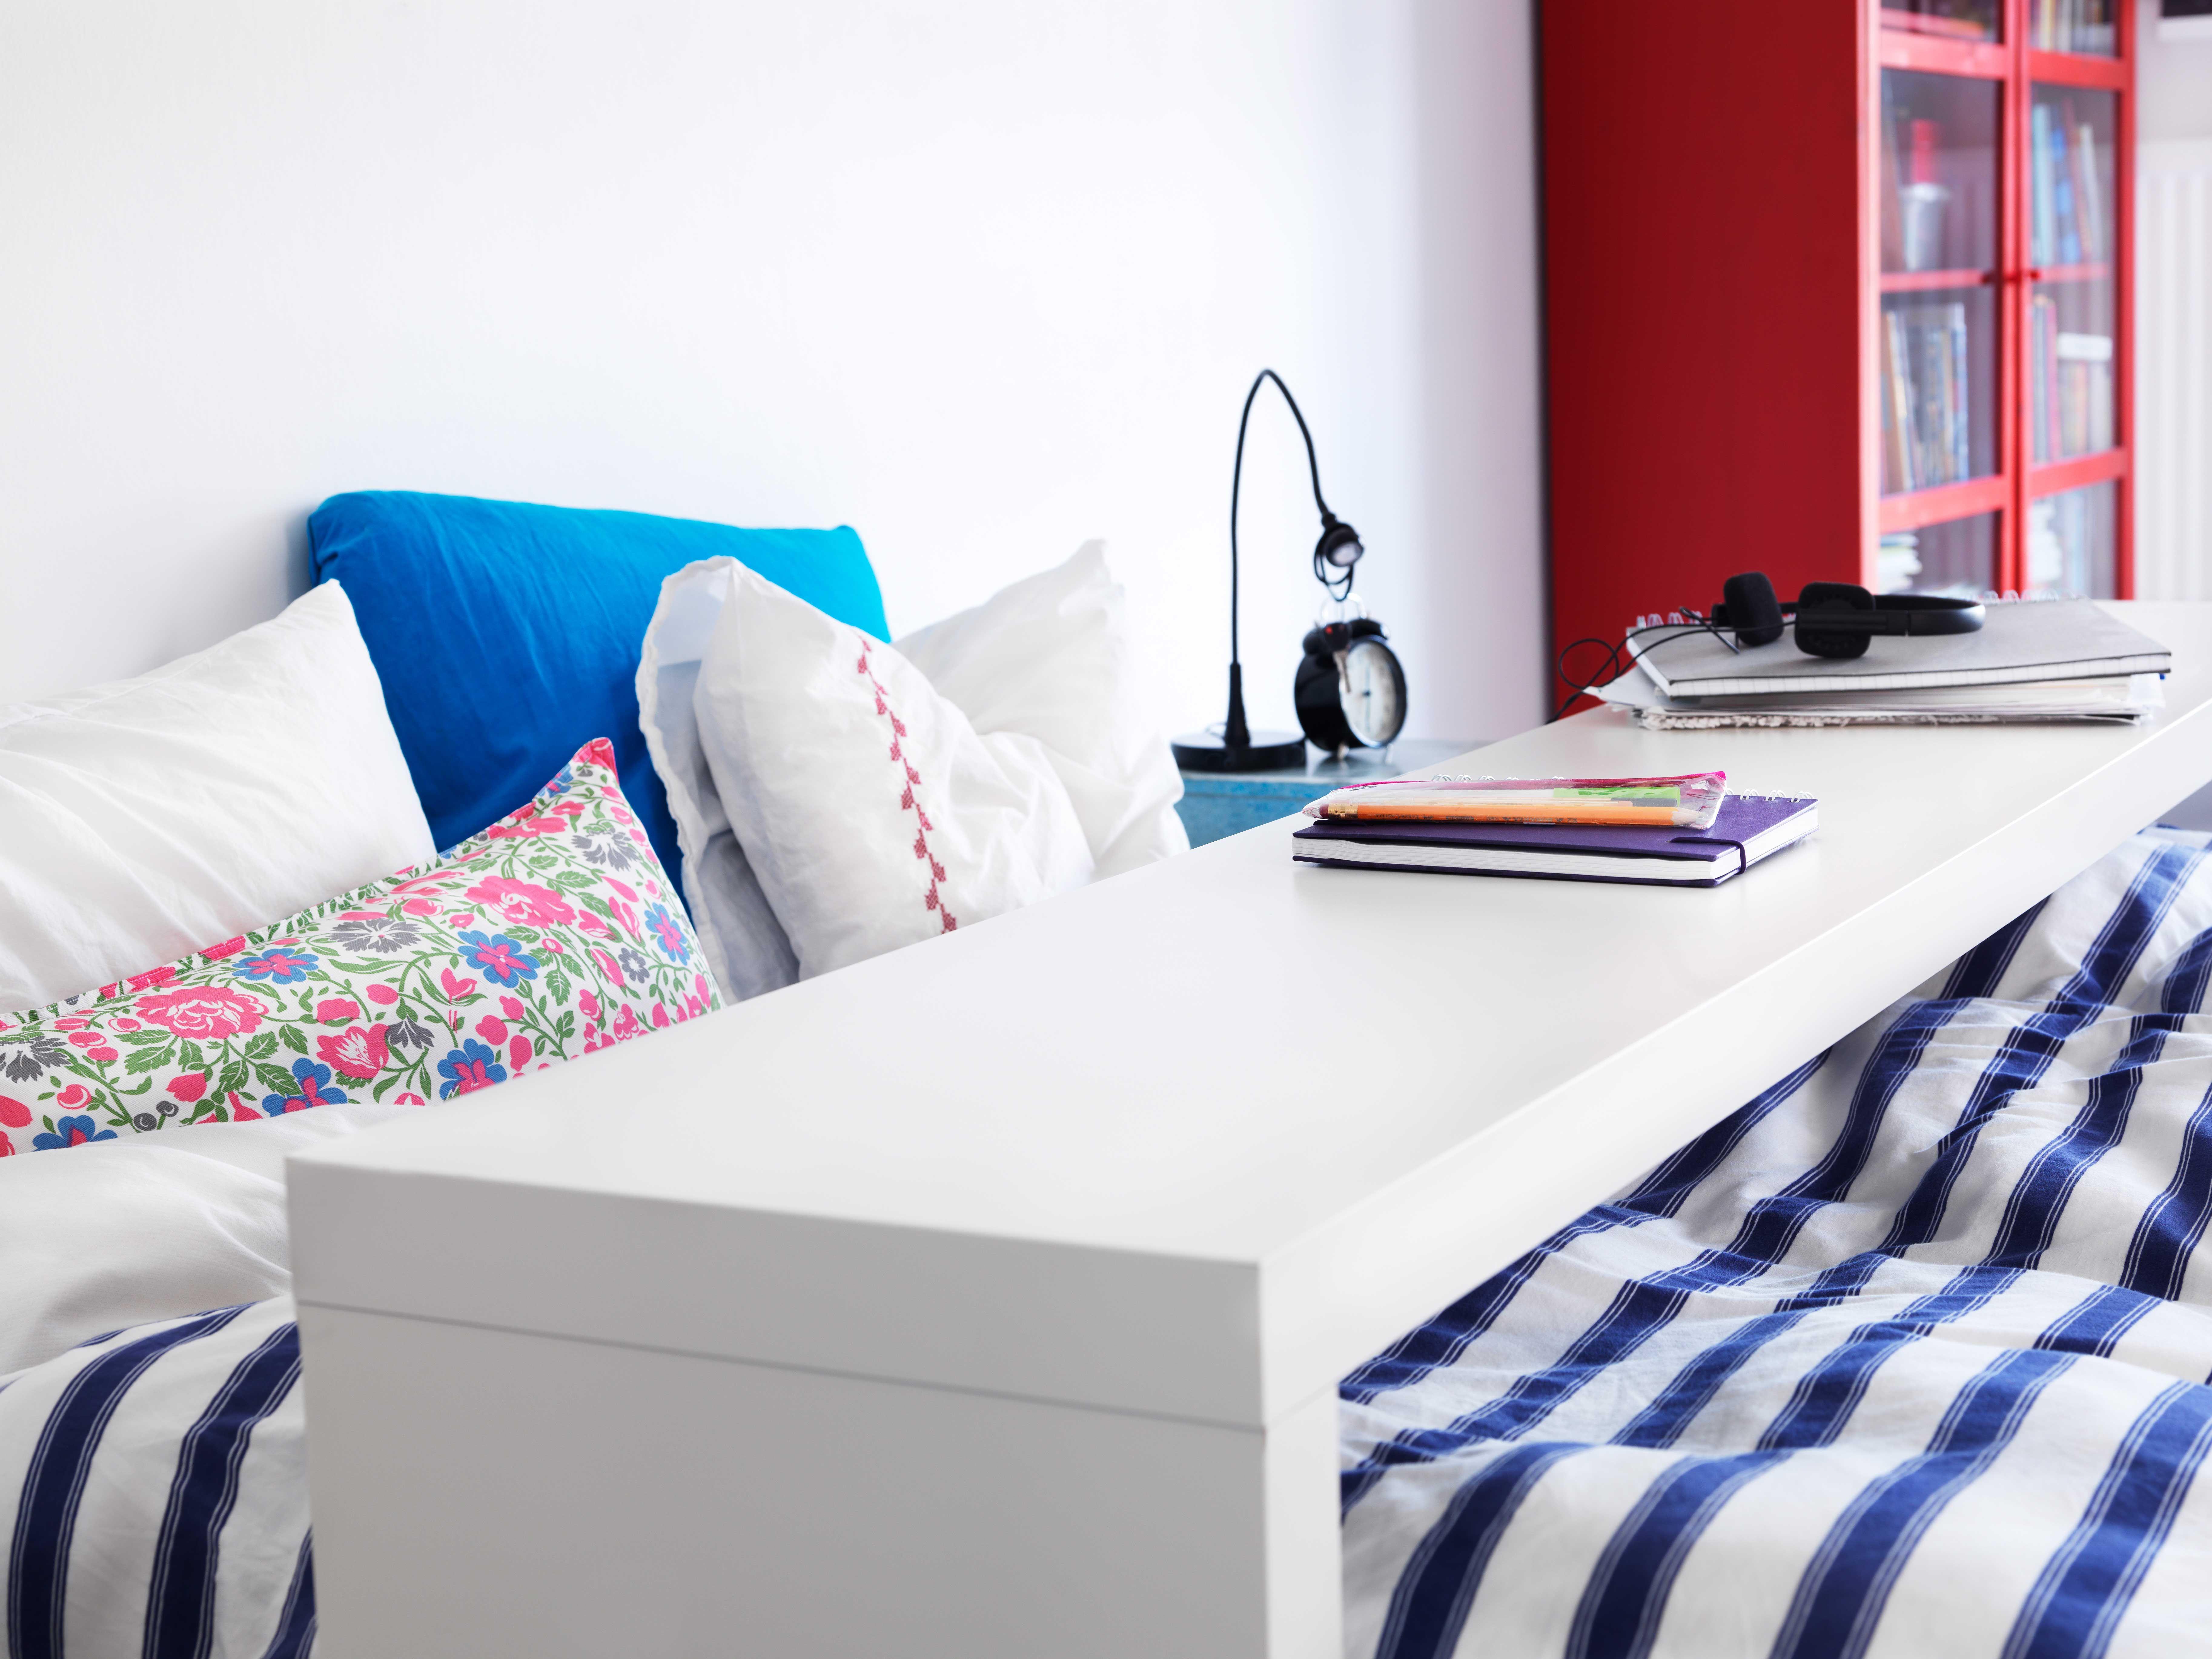 schlafzimmer betten matratzen schlafzimmermbel ikeaat - Schlafzimmer Mit Malm Bett